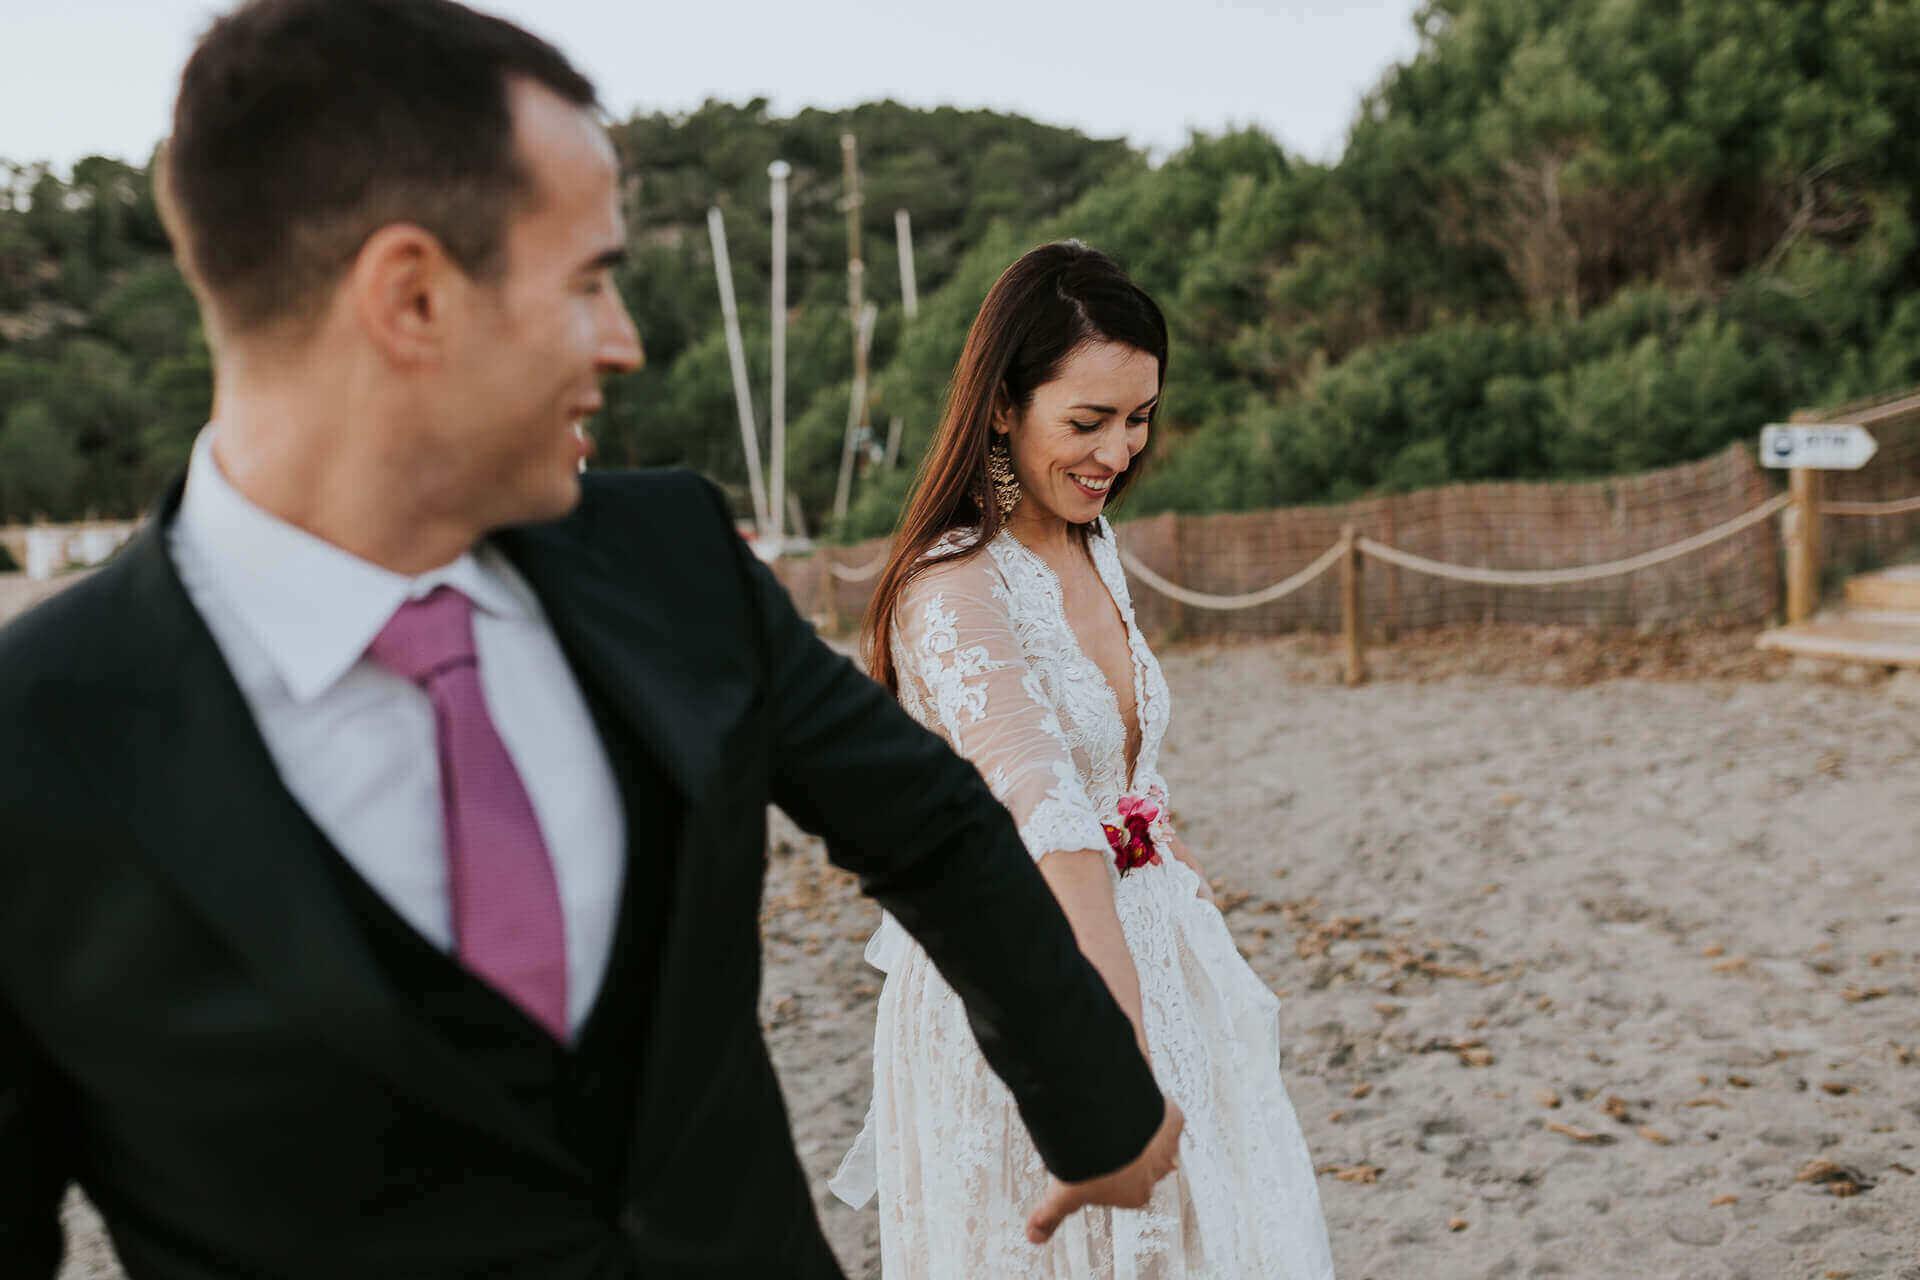 Fotógrafo de bodas en Ibiza: 10 consejos para elegirlo 3